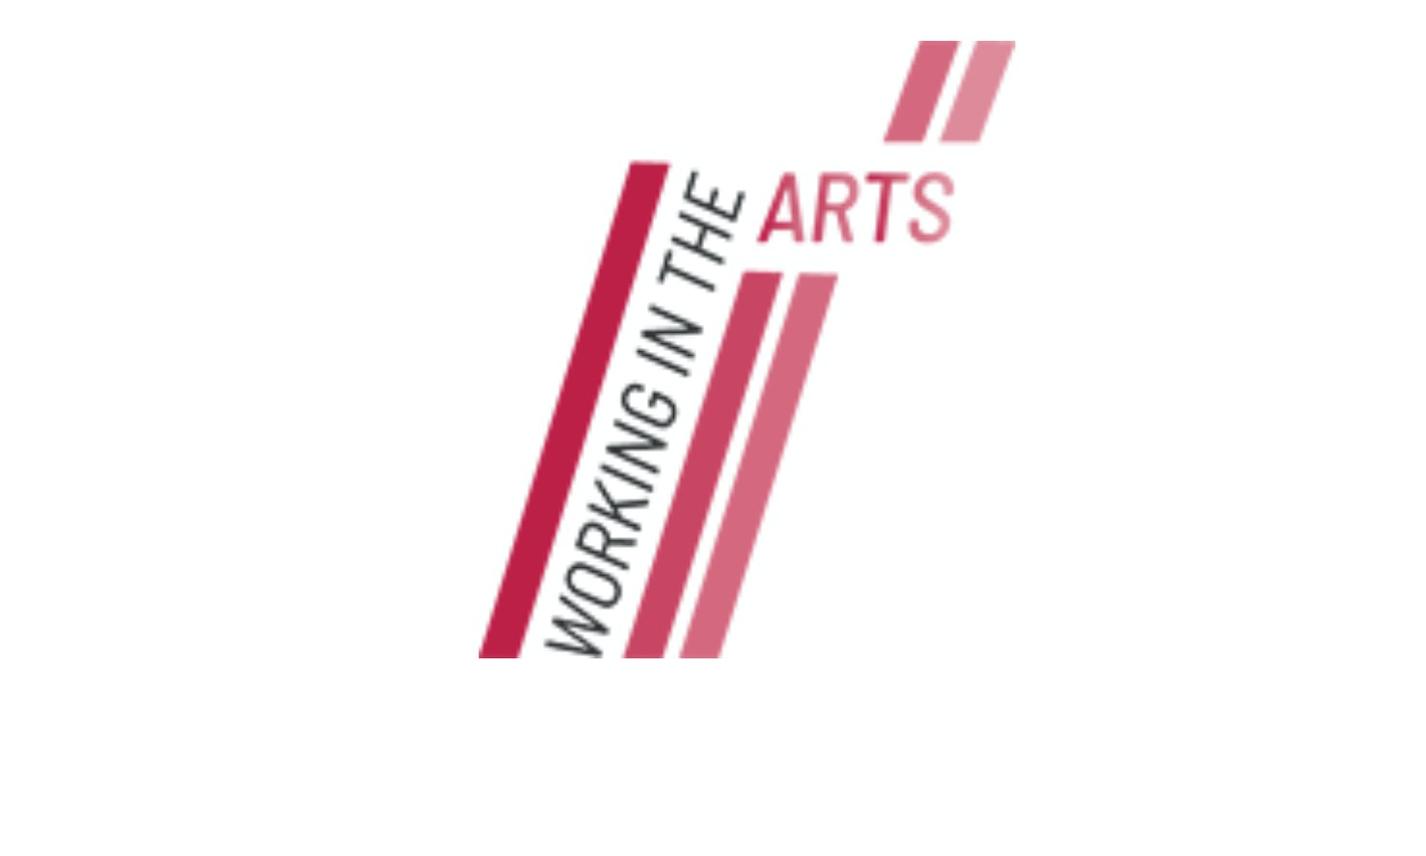 Auteurs, autrices : participez à la réforme du statut d'artiste !